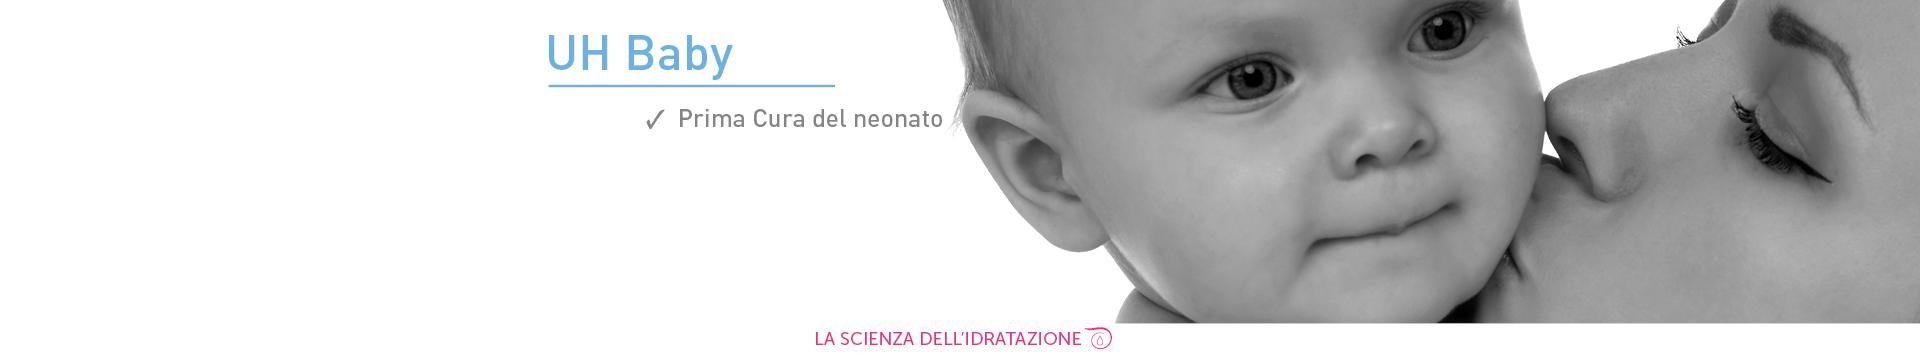 UH - Neonati